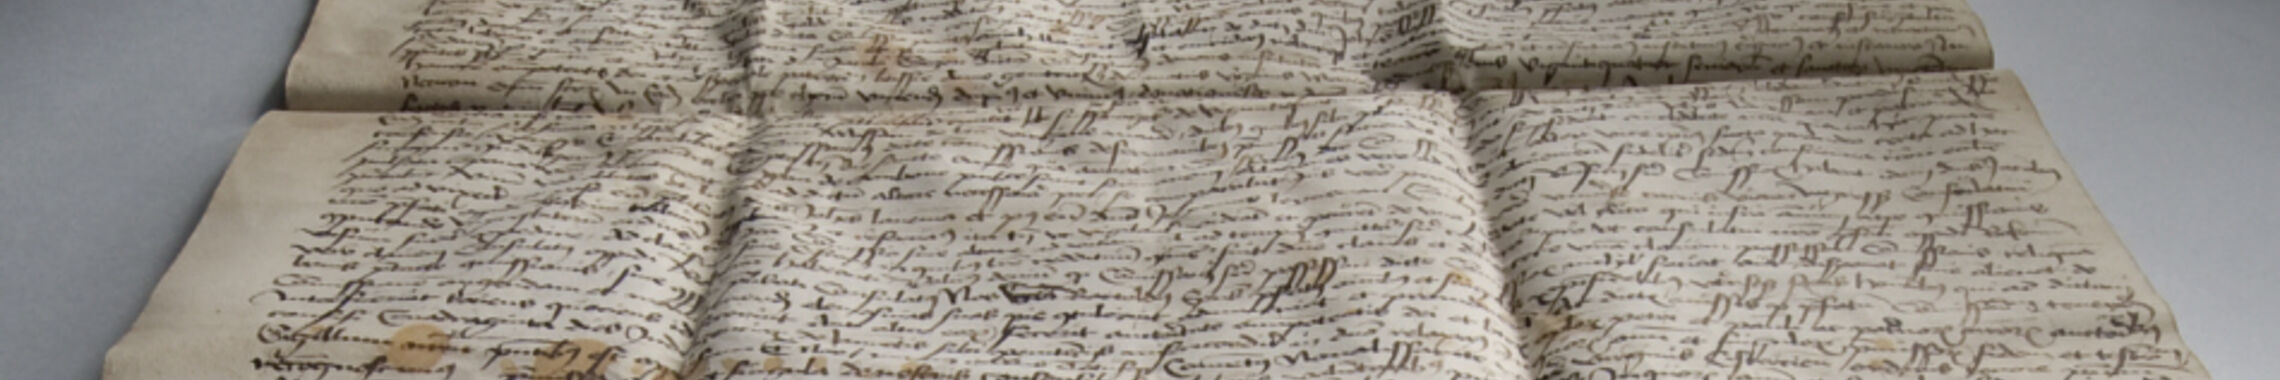 Seitenbild6Schrift2